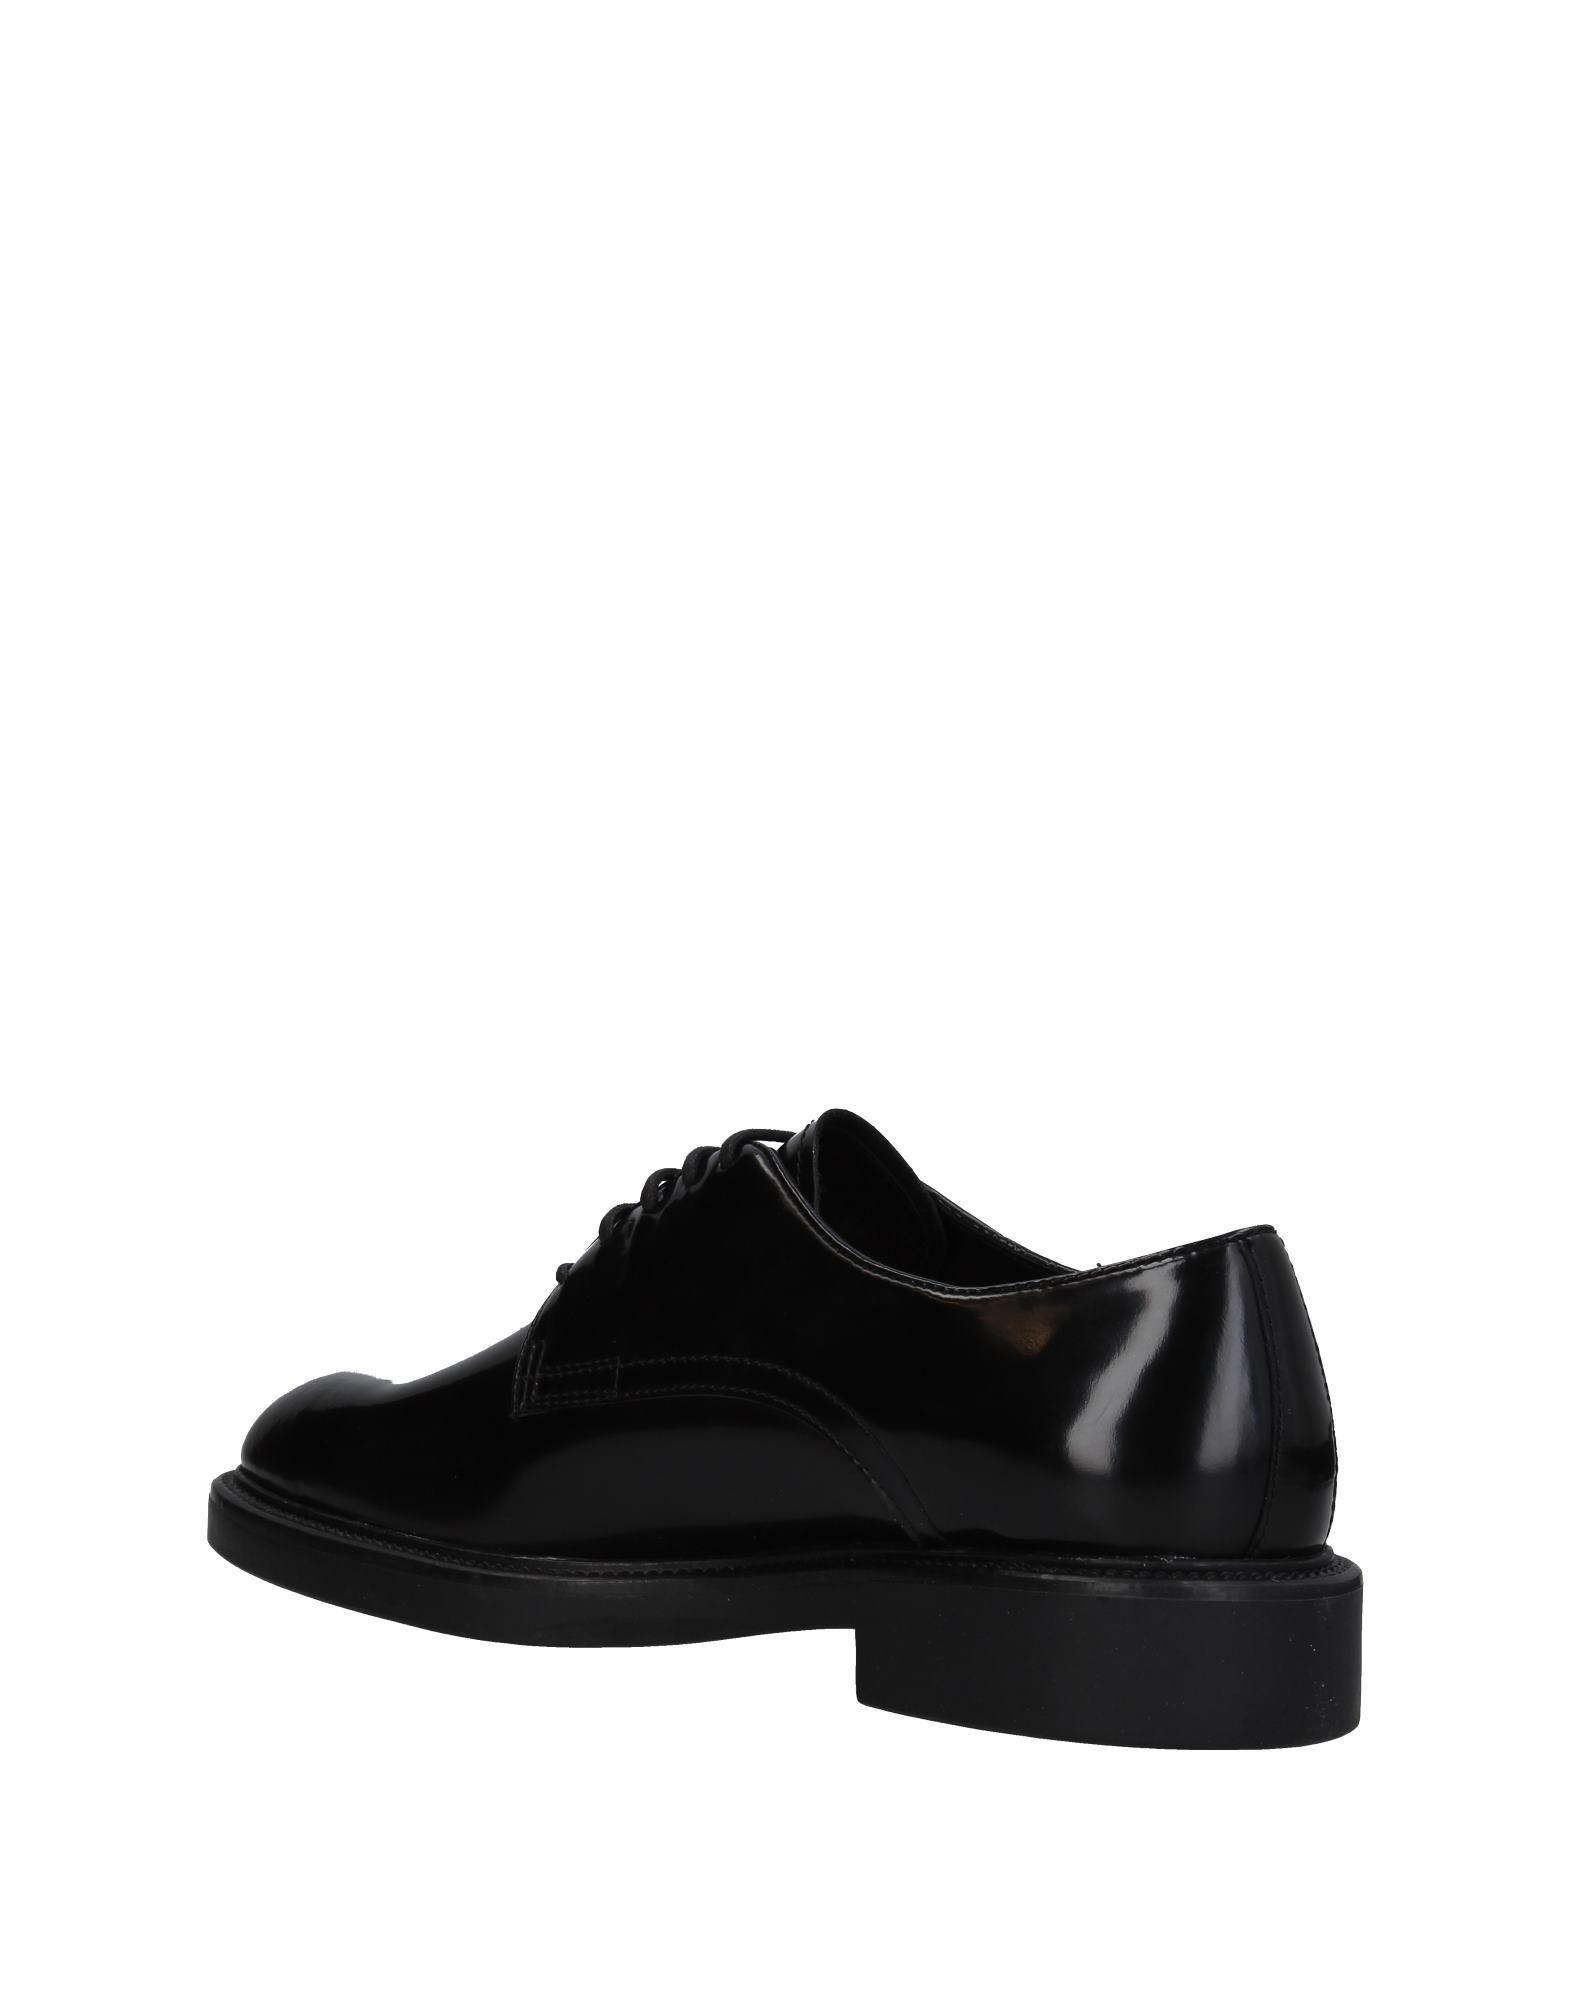 Vagabond Shoemakers Schnürschuhe Herren Neue  11379245DD Neue Herren Schuhe 8a1731